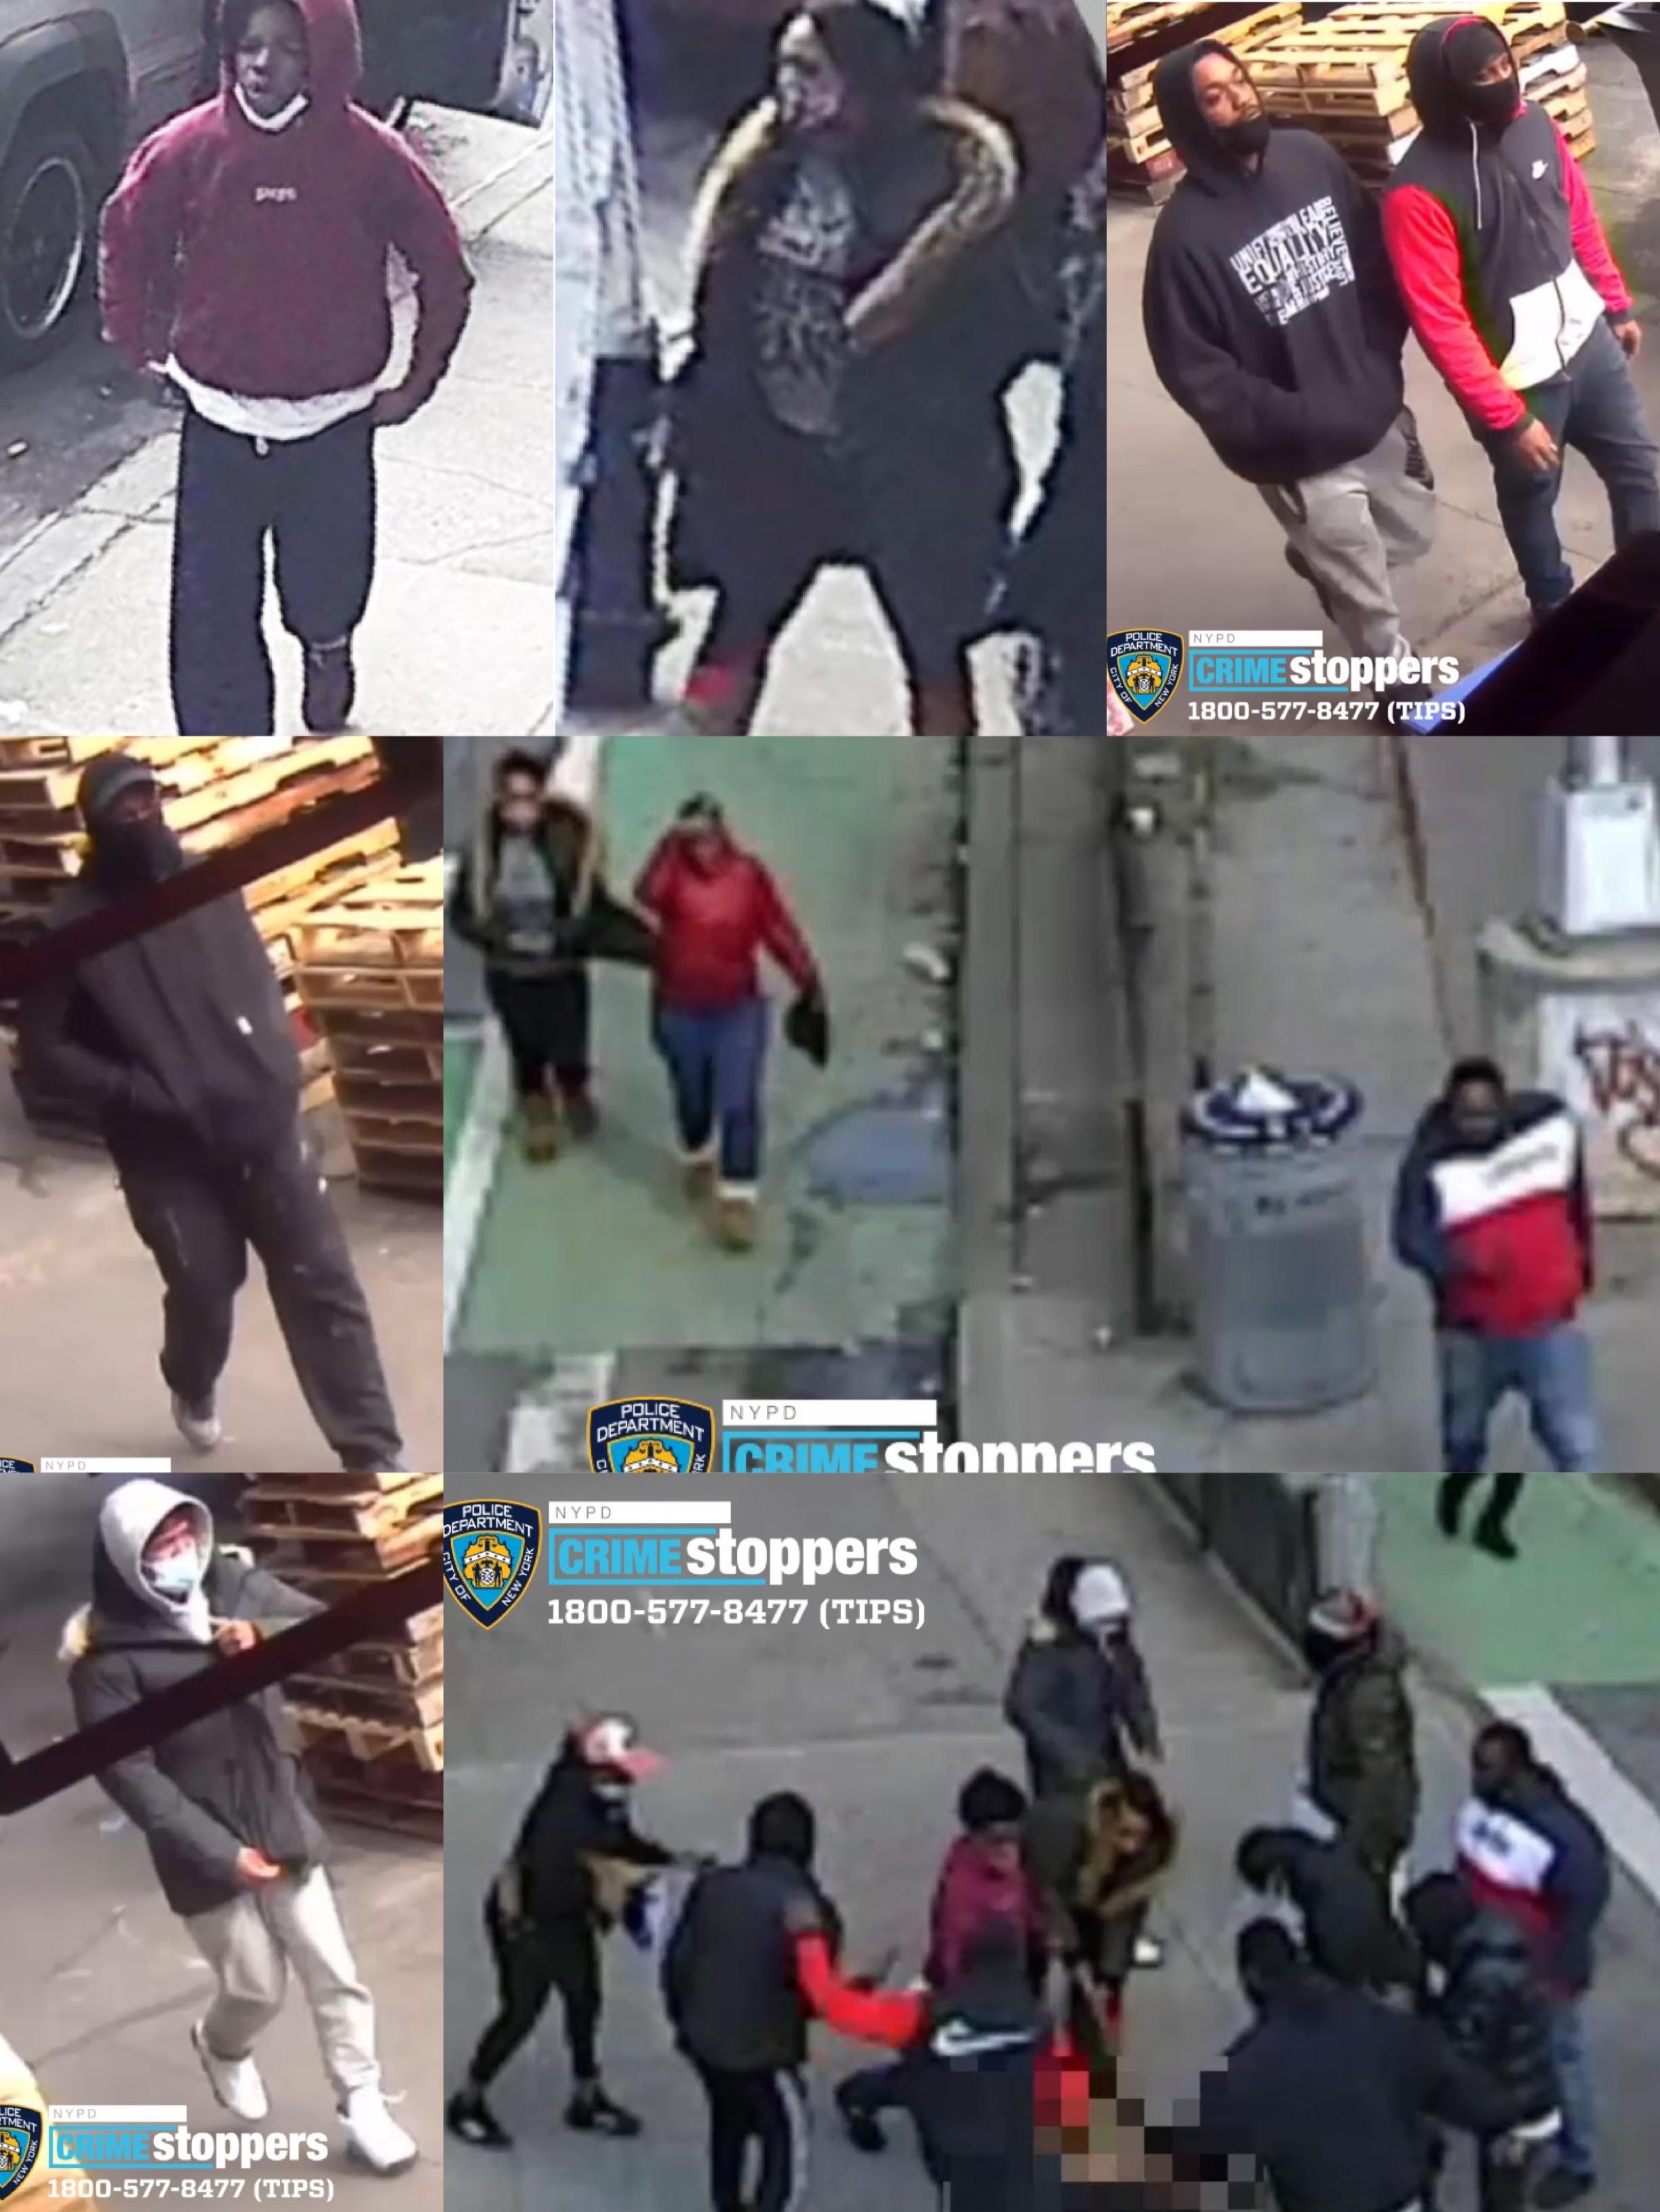 圖為涉案團夥。 NYPD